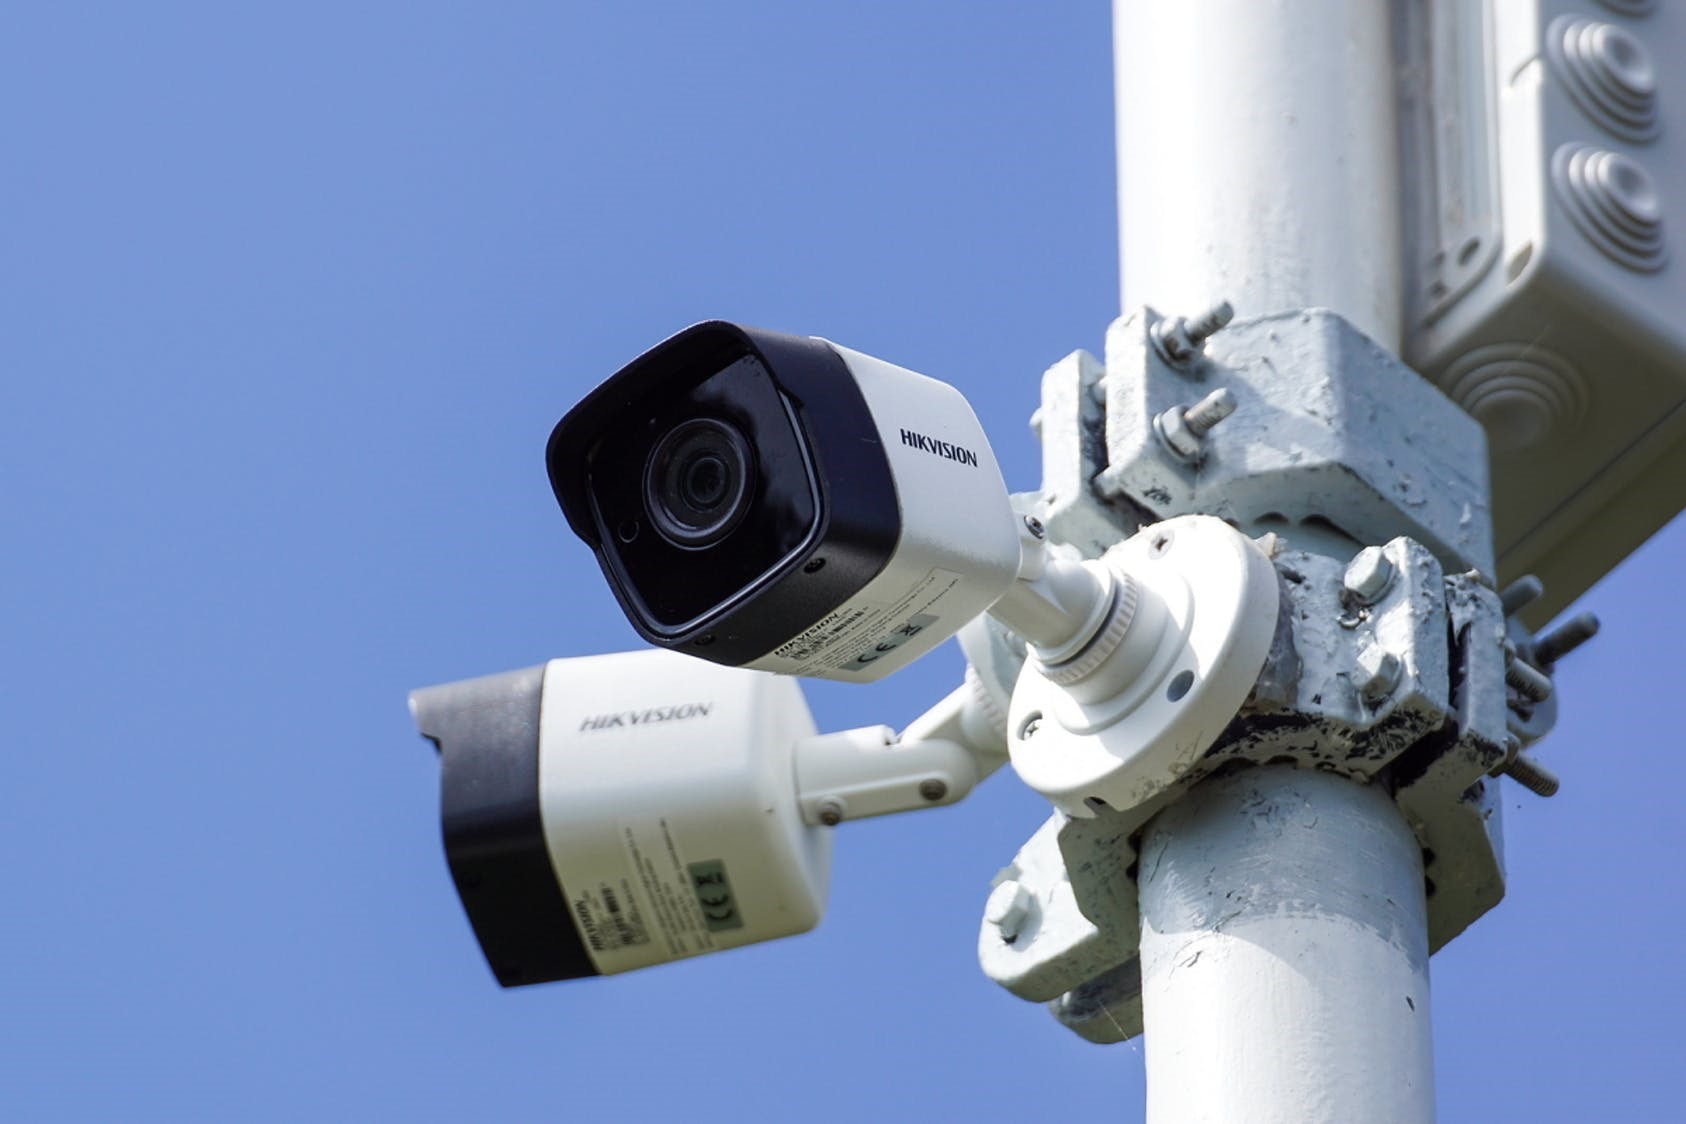 Hơn 70 mẫu camera của hãng Hikvision gặp lỗ hổng bảo mật nghiêm trọng. Ảnh: bigstock